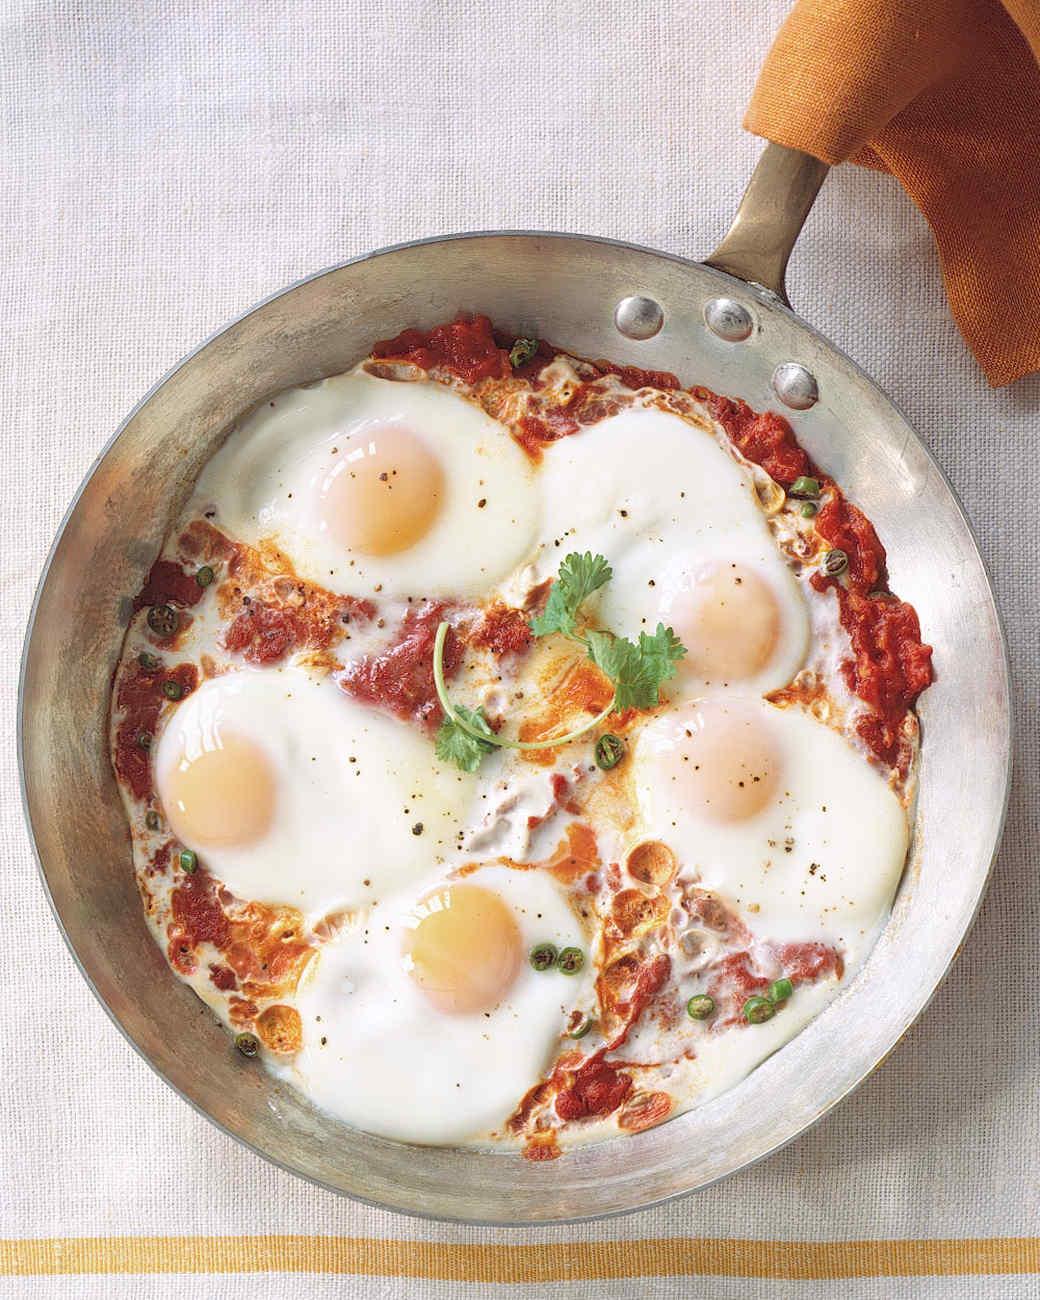 curried-eggs-a99899.jpg